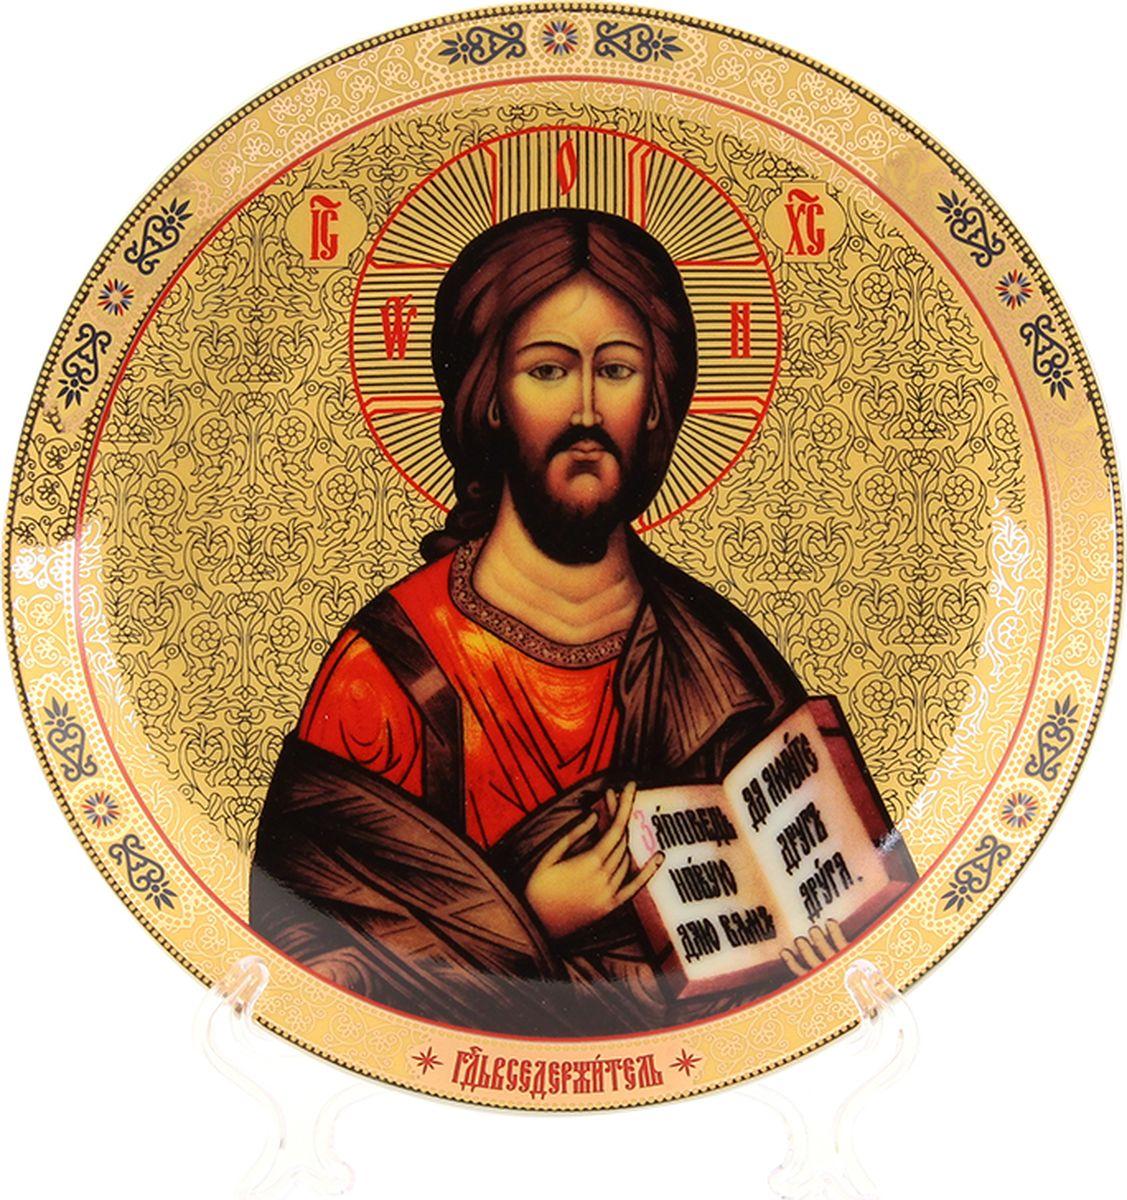 Декоративная тарелка с изображением Иисуса Христа станет необыкновенным подарком для верующих людей и оригинальным украшением на  Пасху.  Размеры: 18,5 х 18,5 х 2 см.